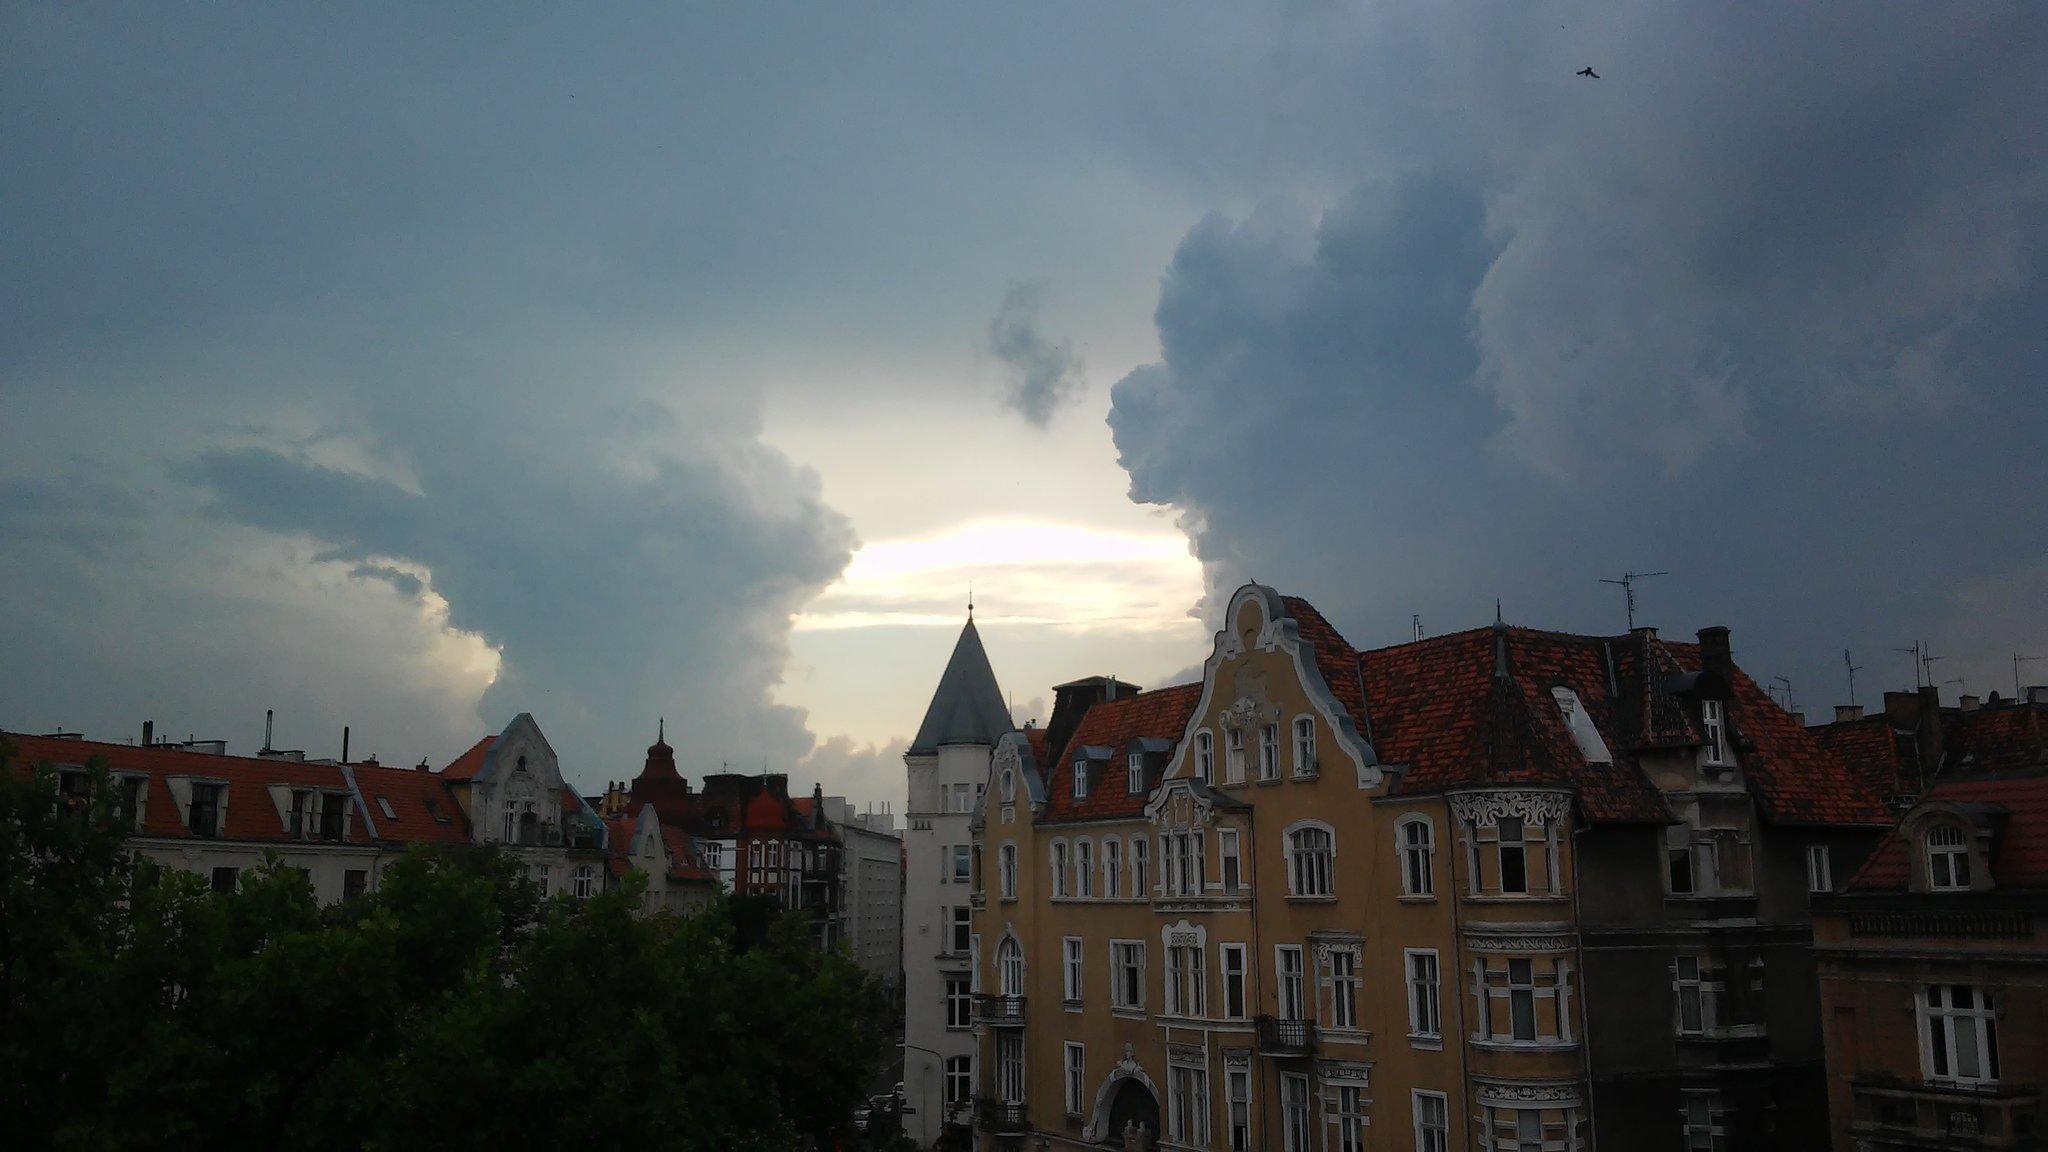 burza się zbliża